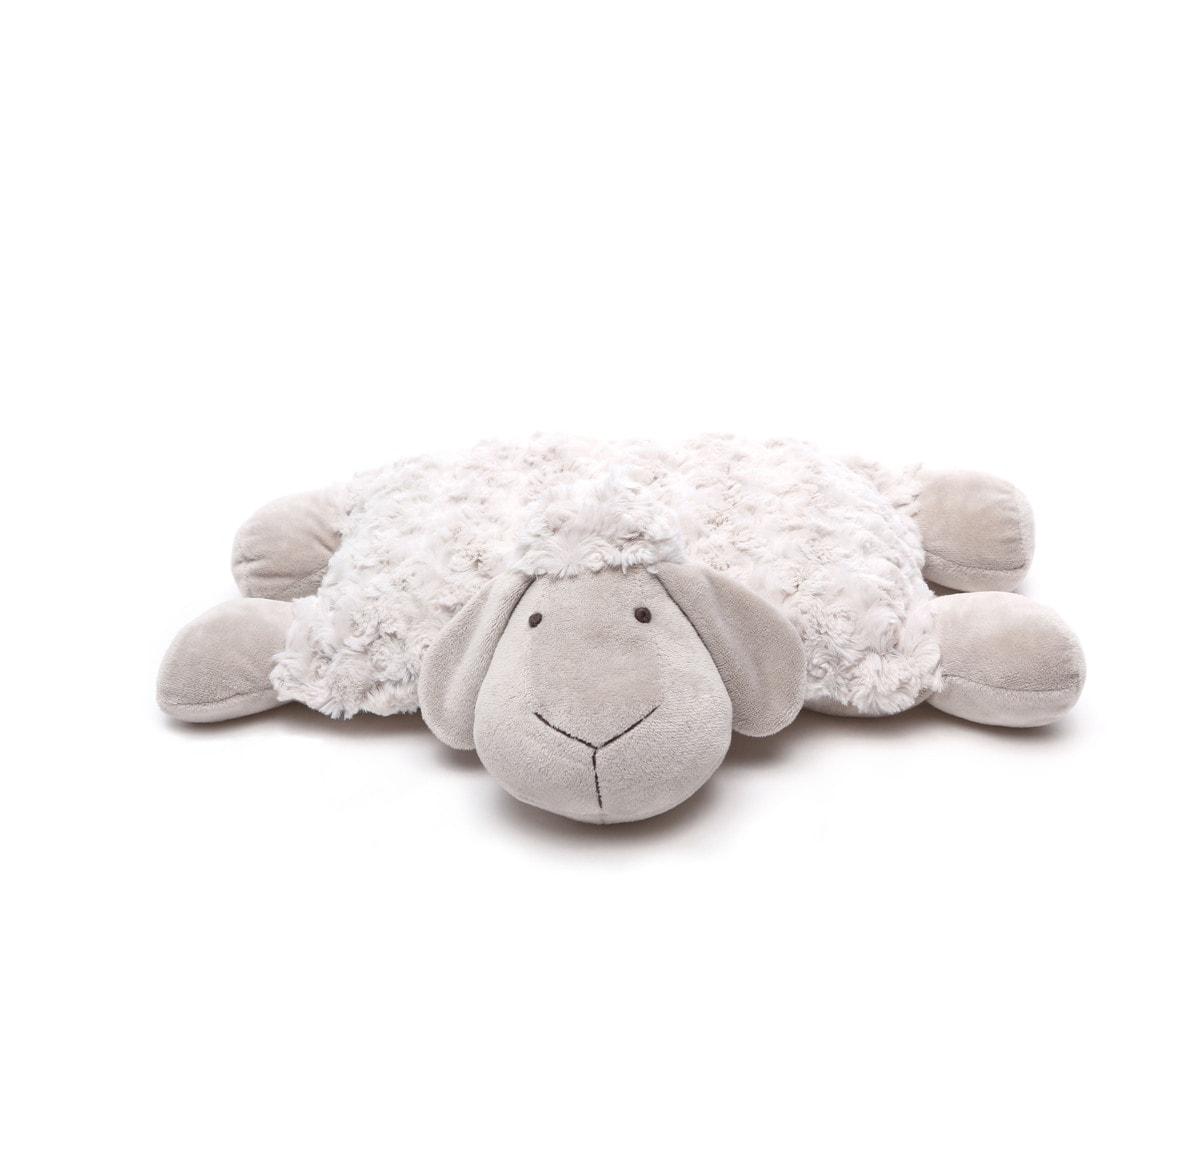 Sleepy-Sheep